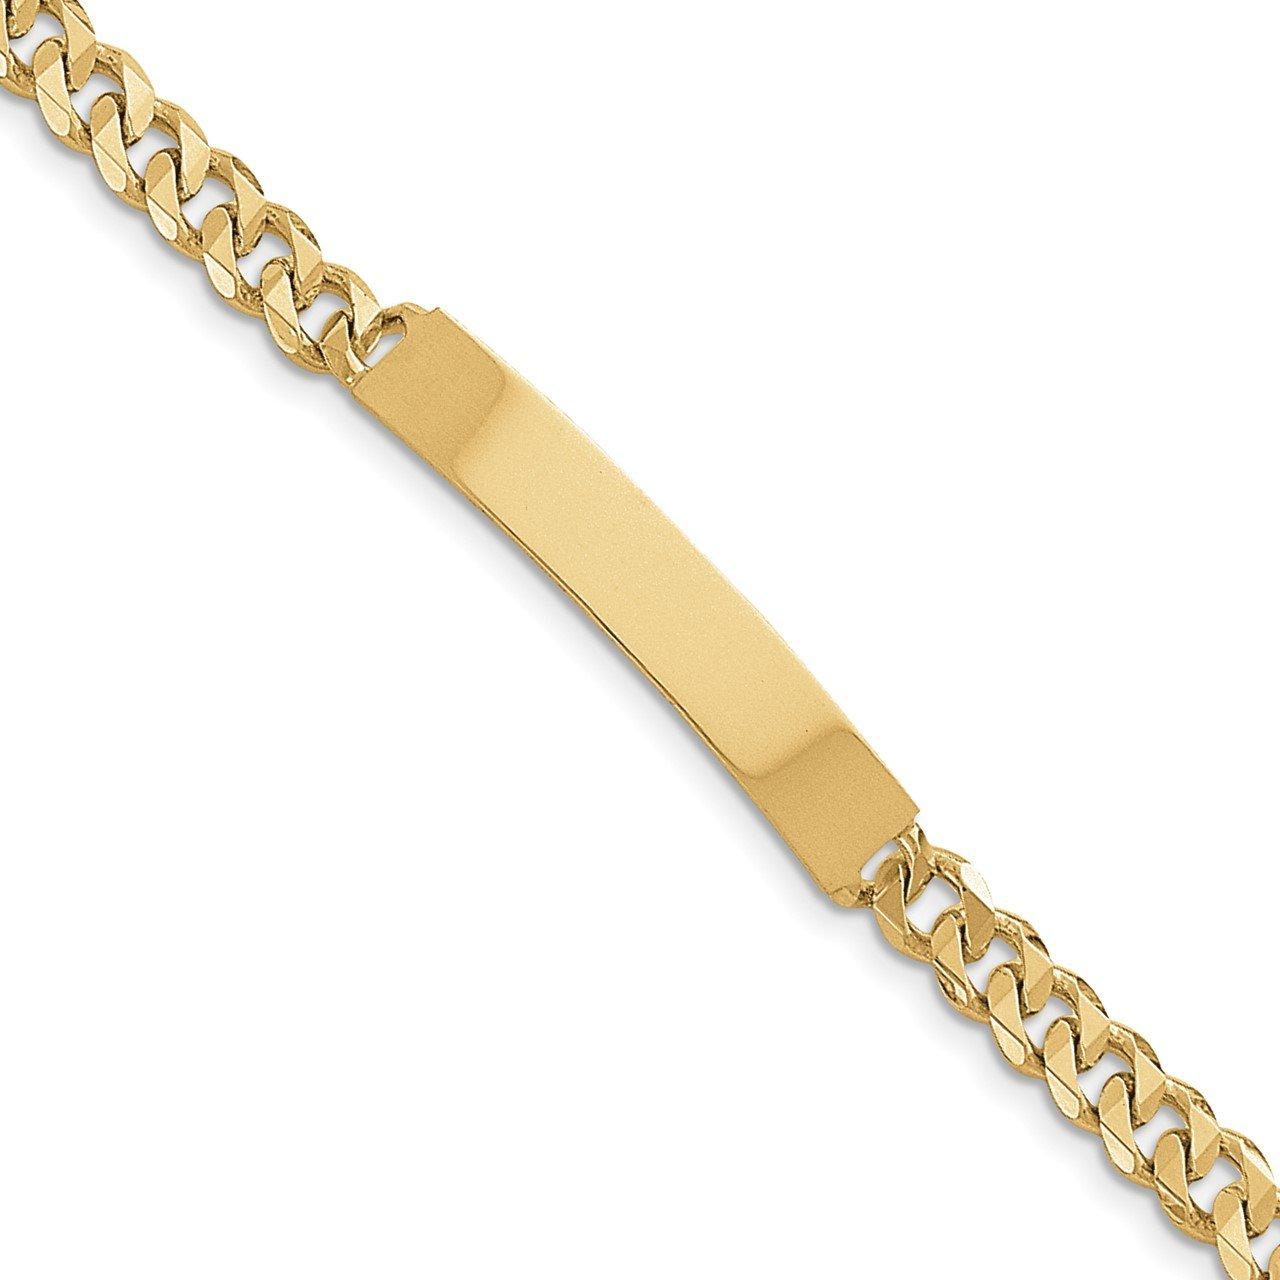 14k Hand-polished Traditional Link ID Bracelet